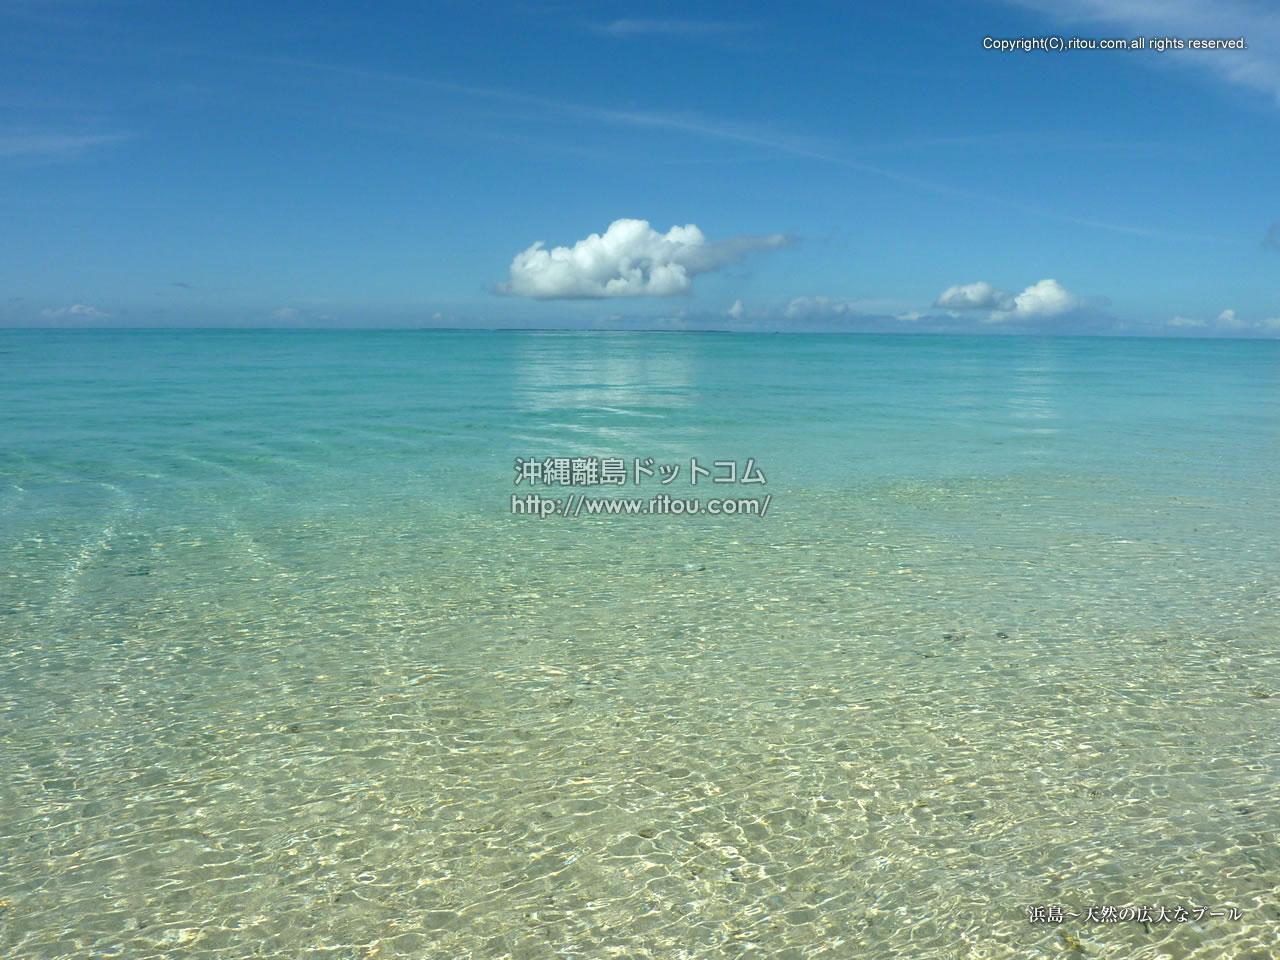 浜島〜天然の広大なプール